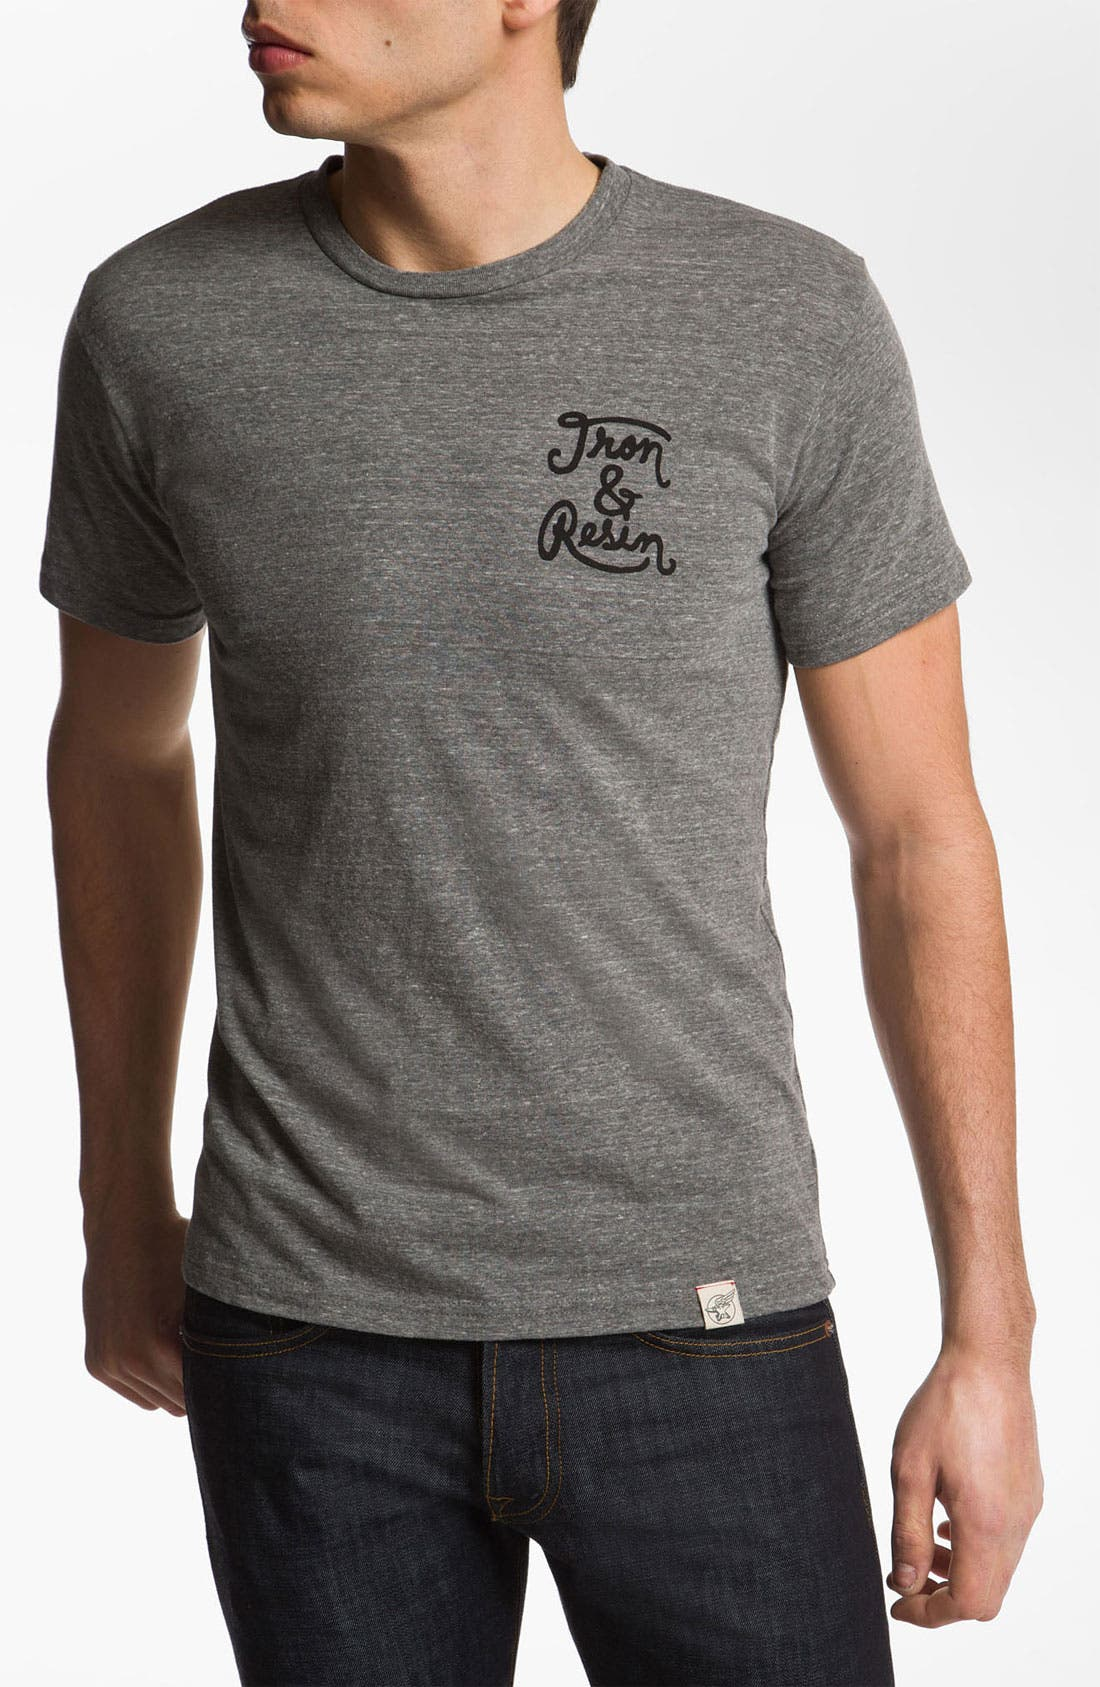 Main Image - Iron & Resin 'Wolfgang' T-Shirt